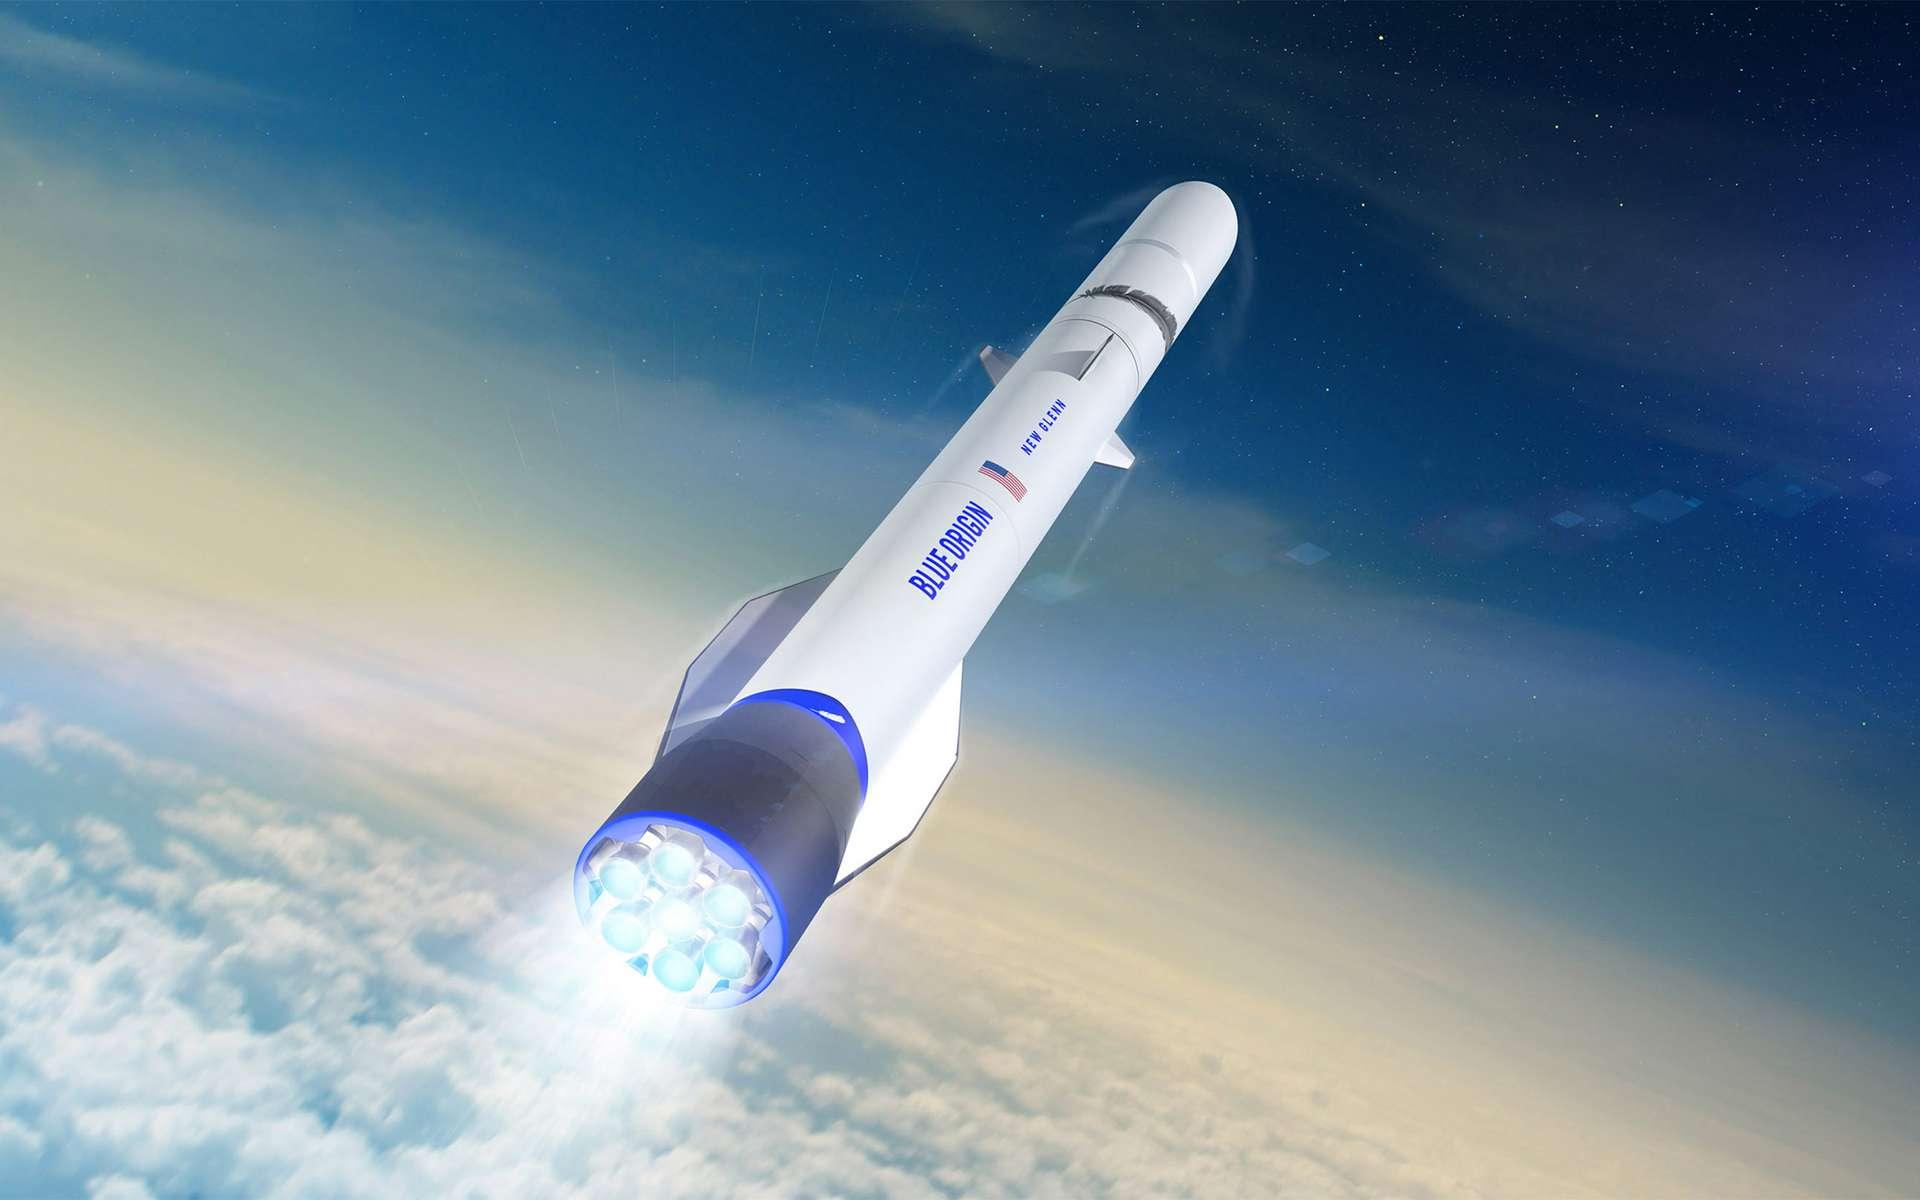 Vue d'artiste du New Glenn, le futur lanceur de Blue Origin, dont le vol inaugural est prévu en 2021. © Blue Origin